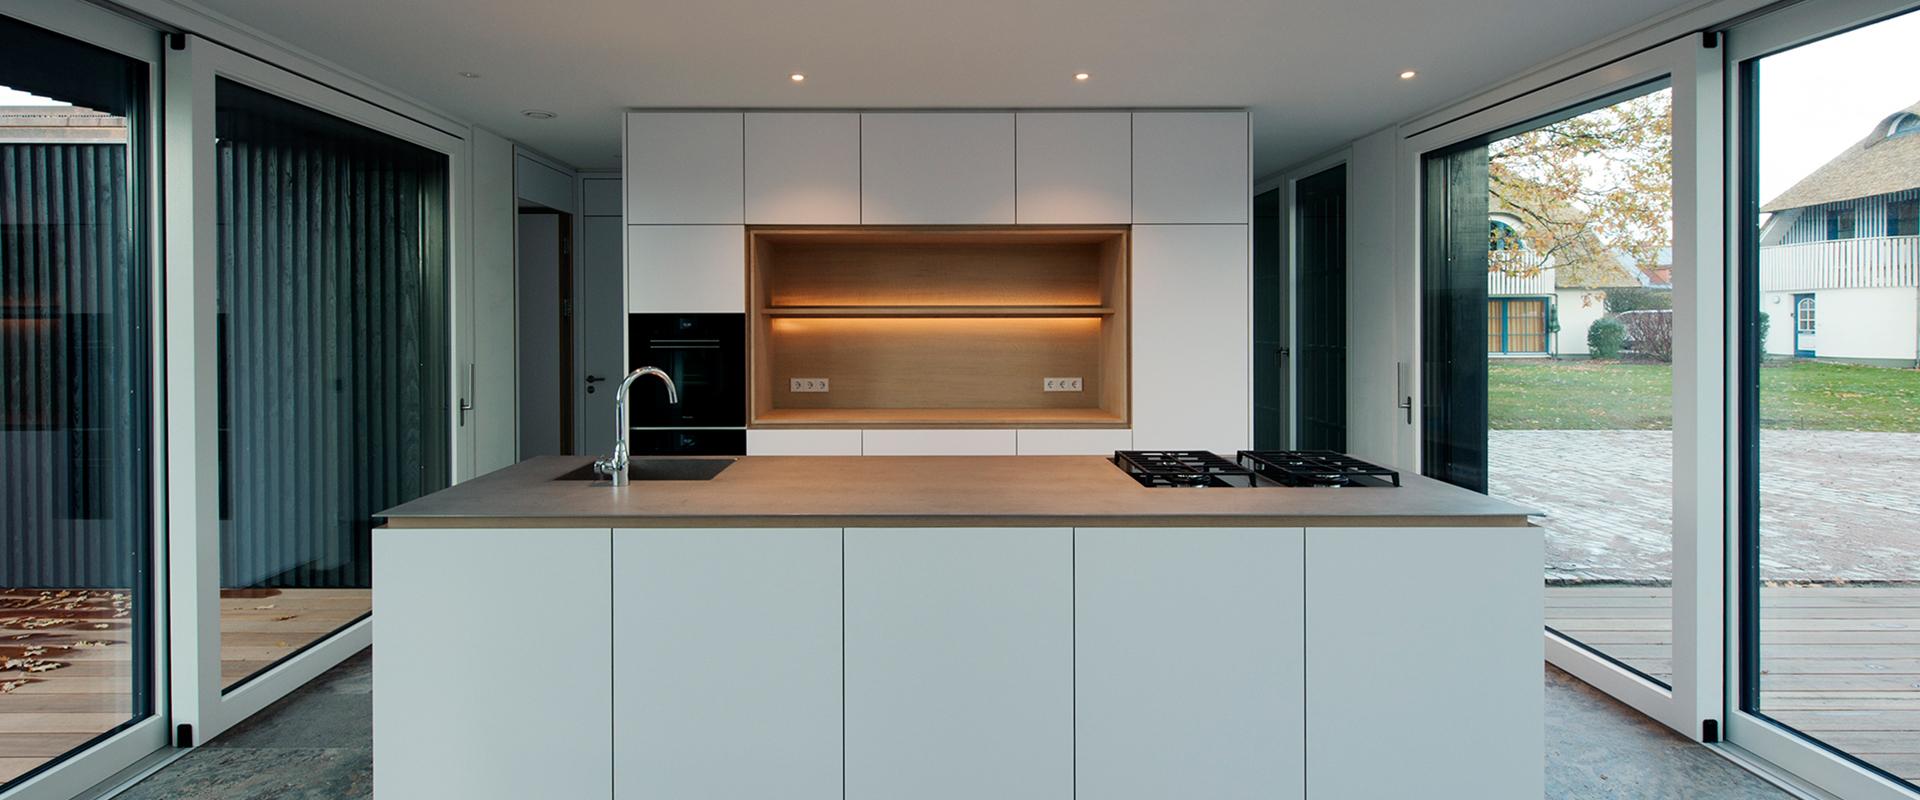 Design Küche,Koepke und Kasiske,Tischlerei Rügen,Moebel- und Ladenbau